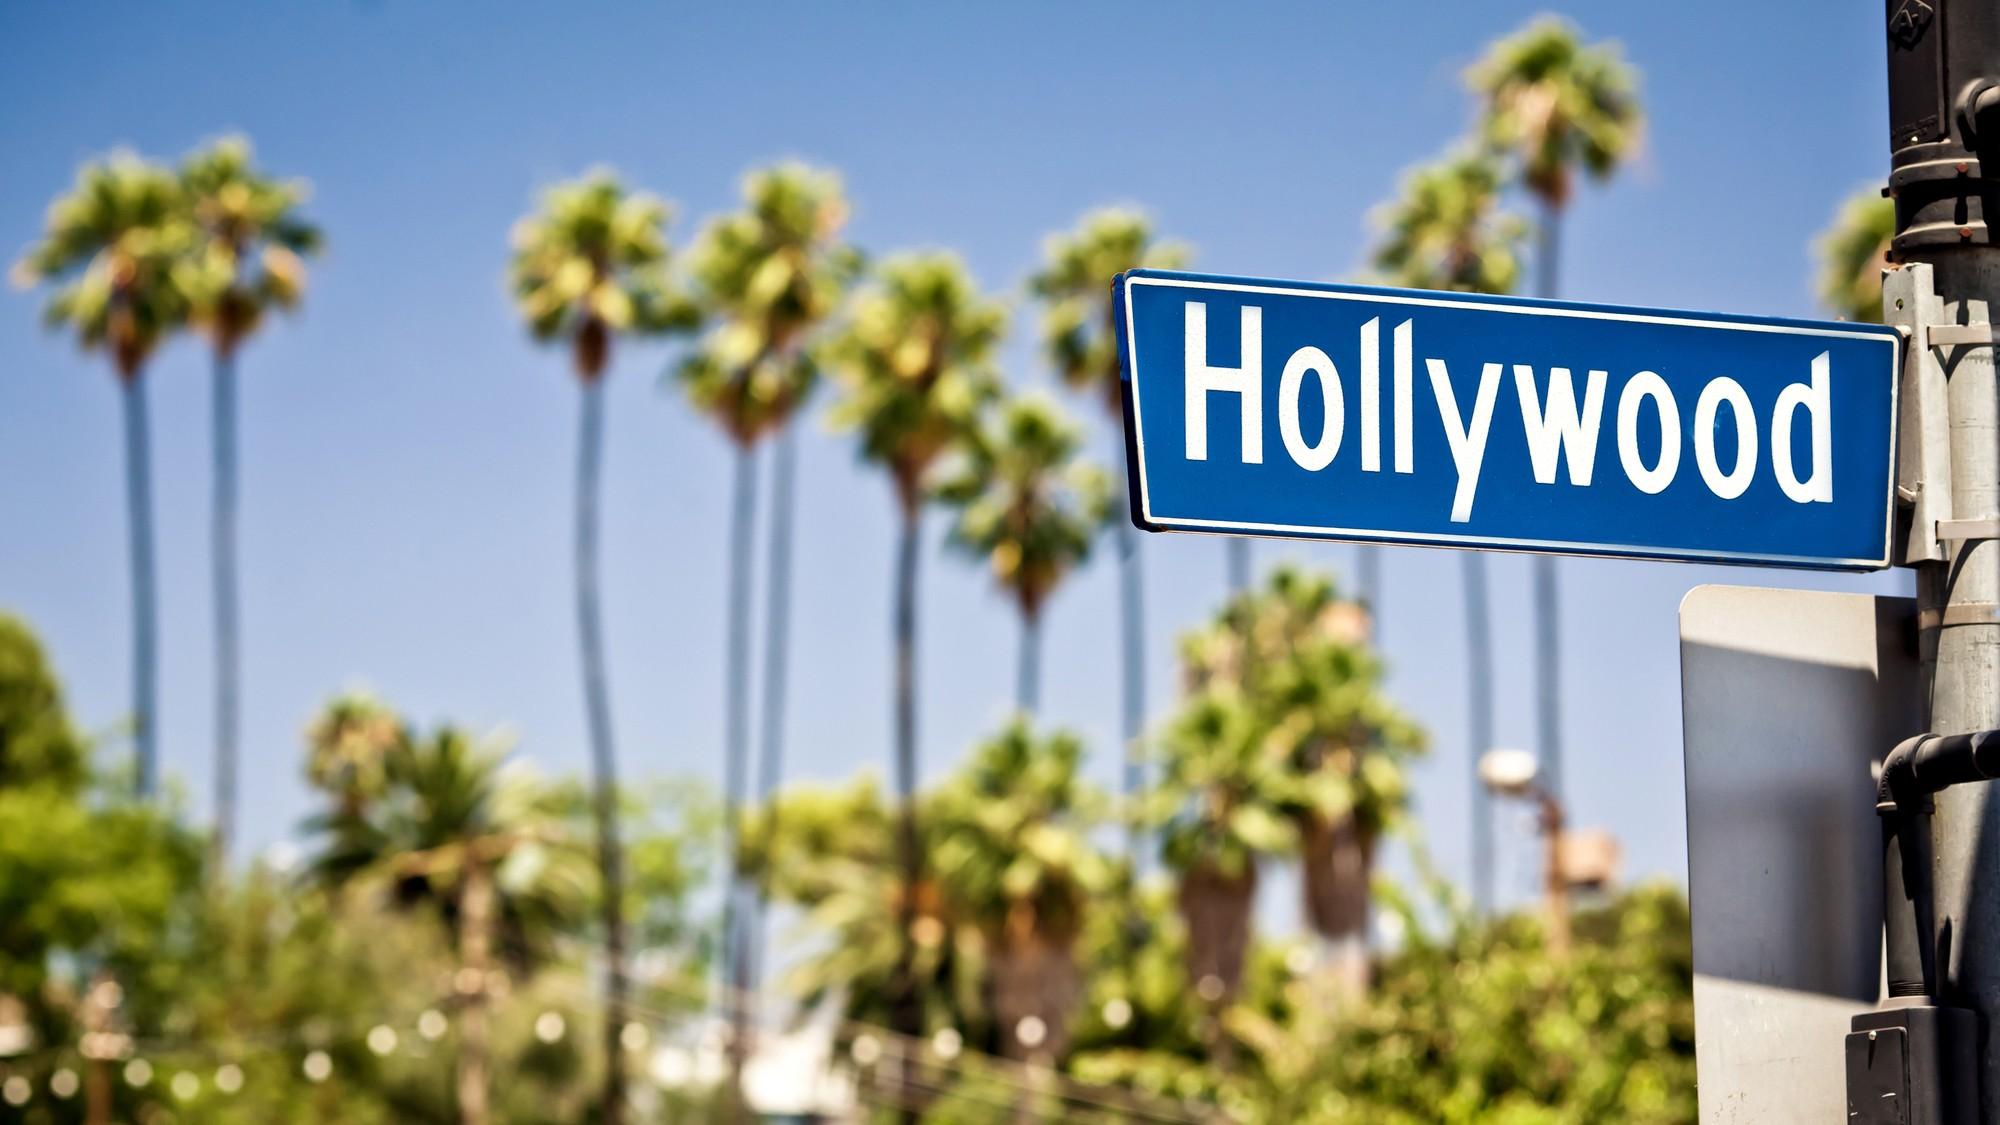 日本の不動産会社が「ロサンゼルス」で人気の物件を作れるワケ